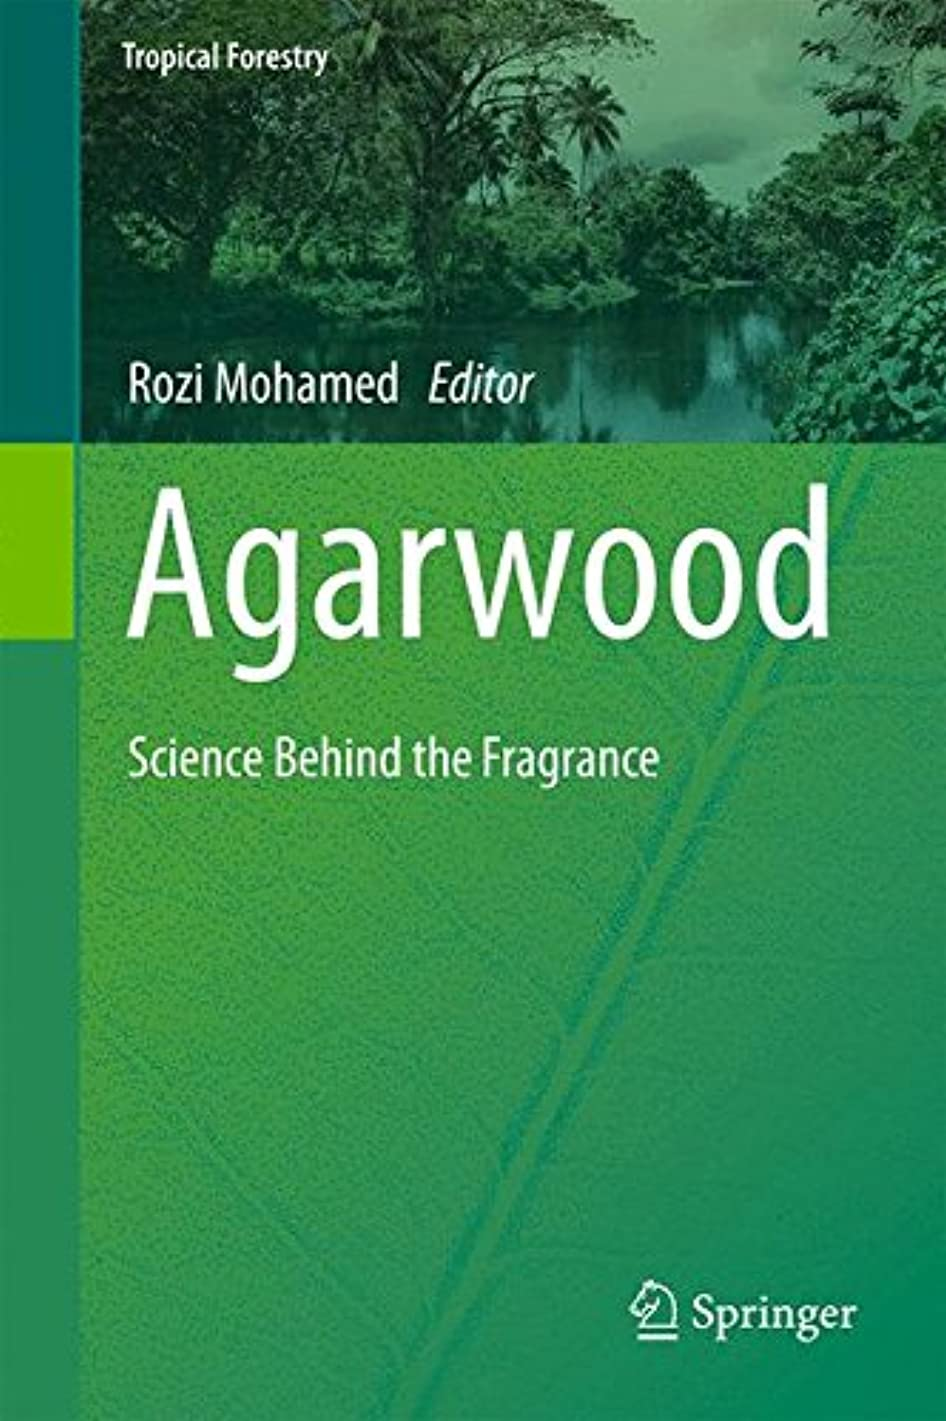 忌避剤リベラル懸念Agarwood: Science Behind the Fragrance (Tropical Forestry)